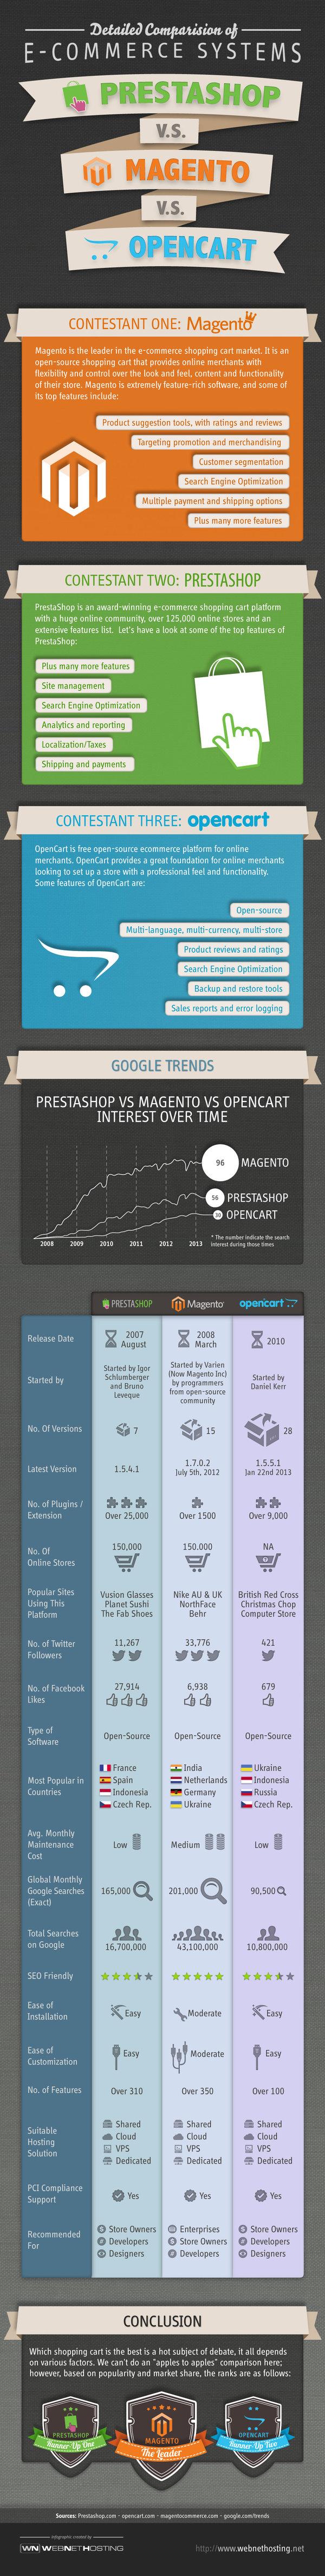 Infografía uso de Magento, PrestaShop y Opencart